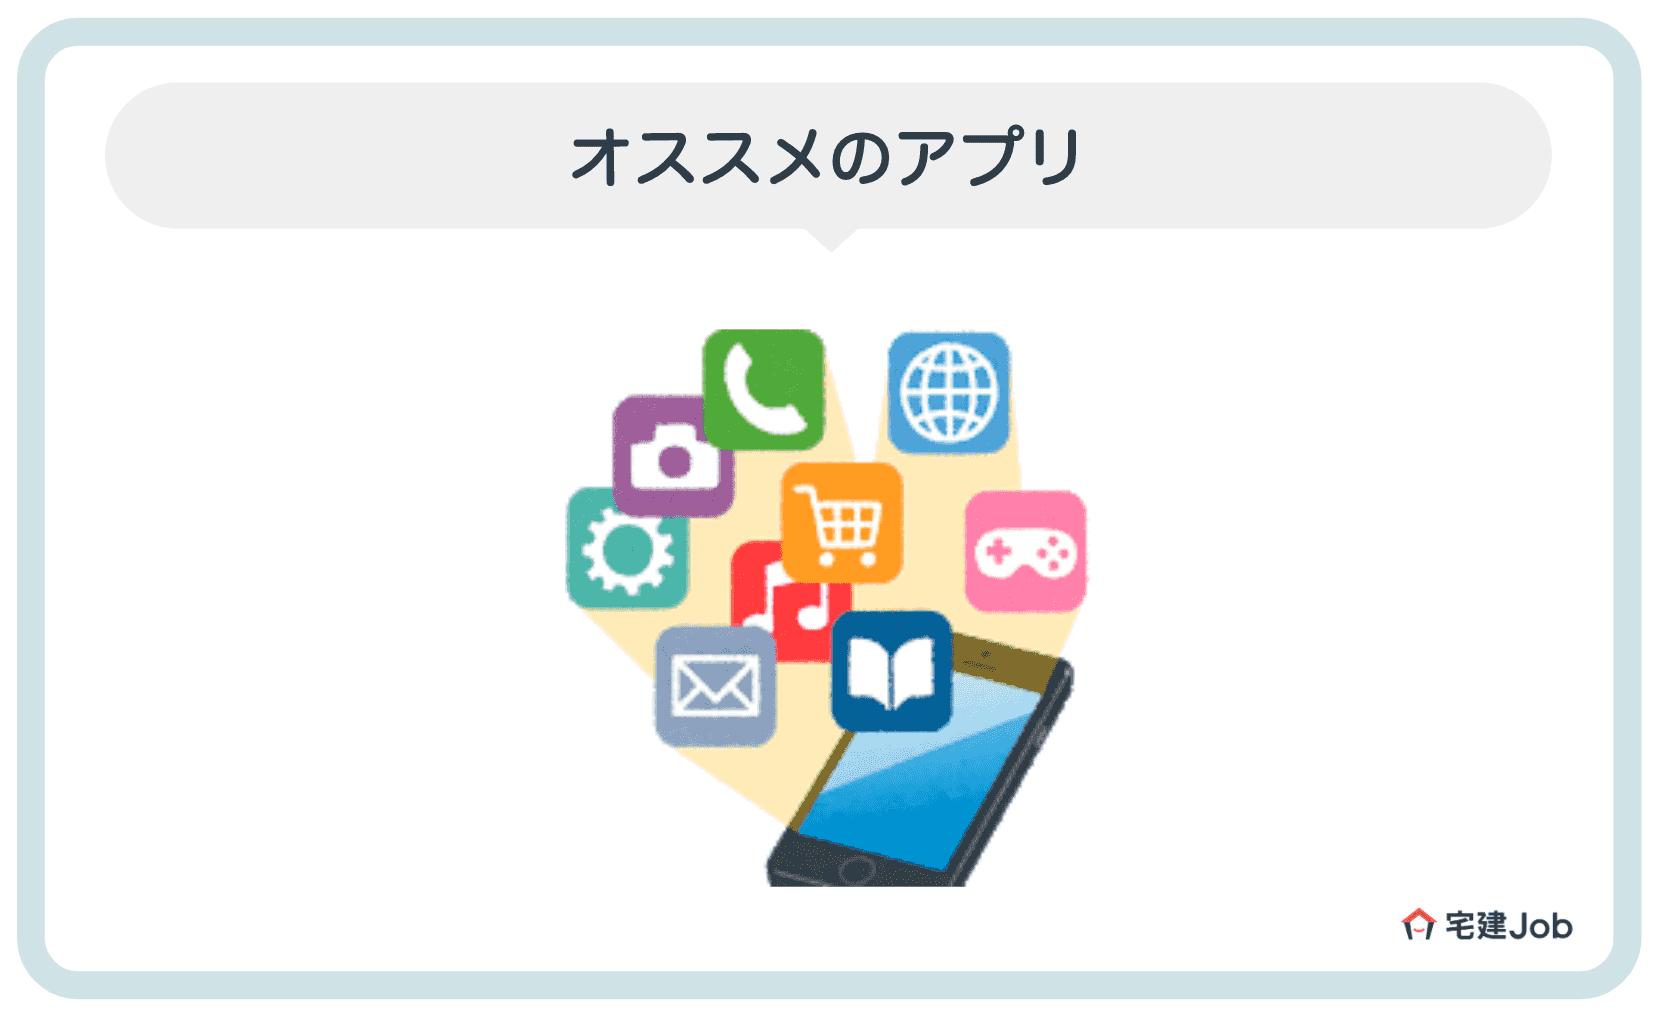 3.マンション管理士の試験勉強にオススメのアプリ